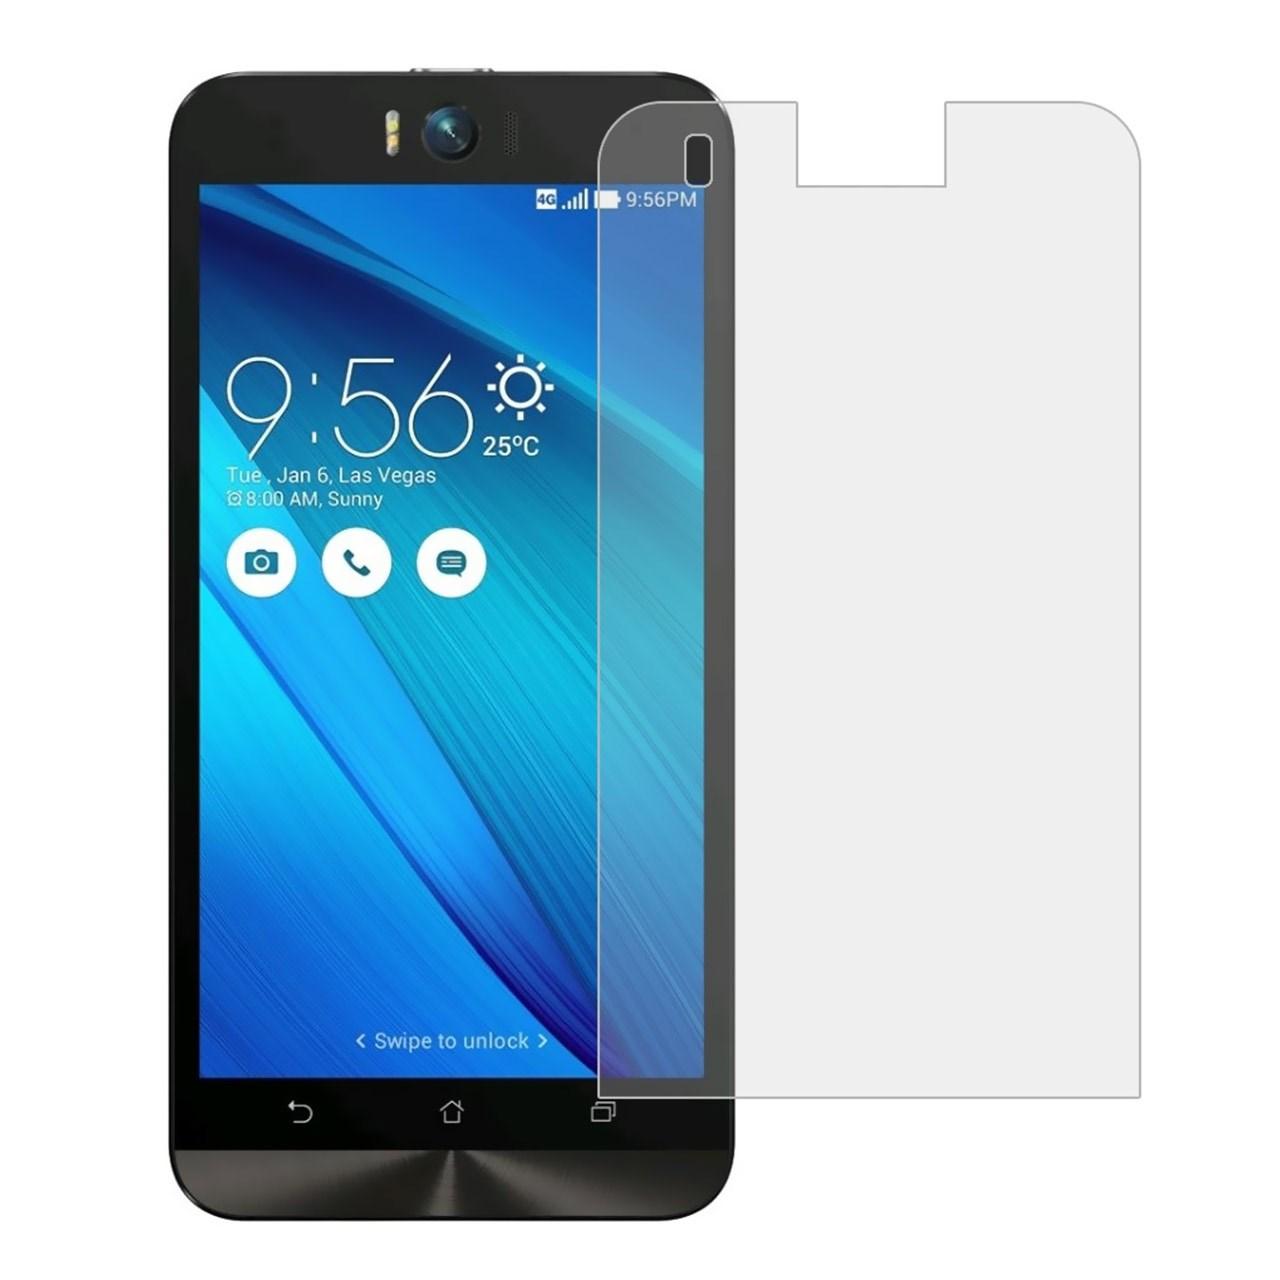 محافظ صفحه نمایش شیشه ای تمپرد مناسب برای گوشی موبایل ایسوس Zenfone Selfie ZD551KL